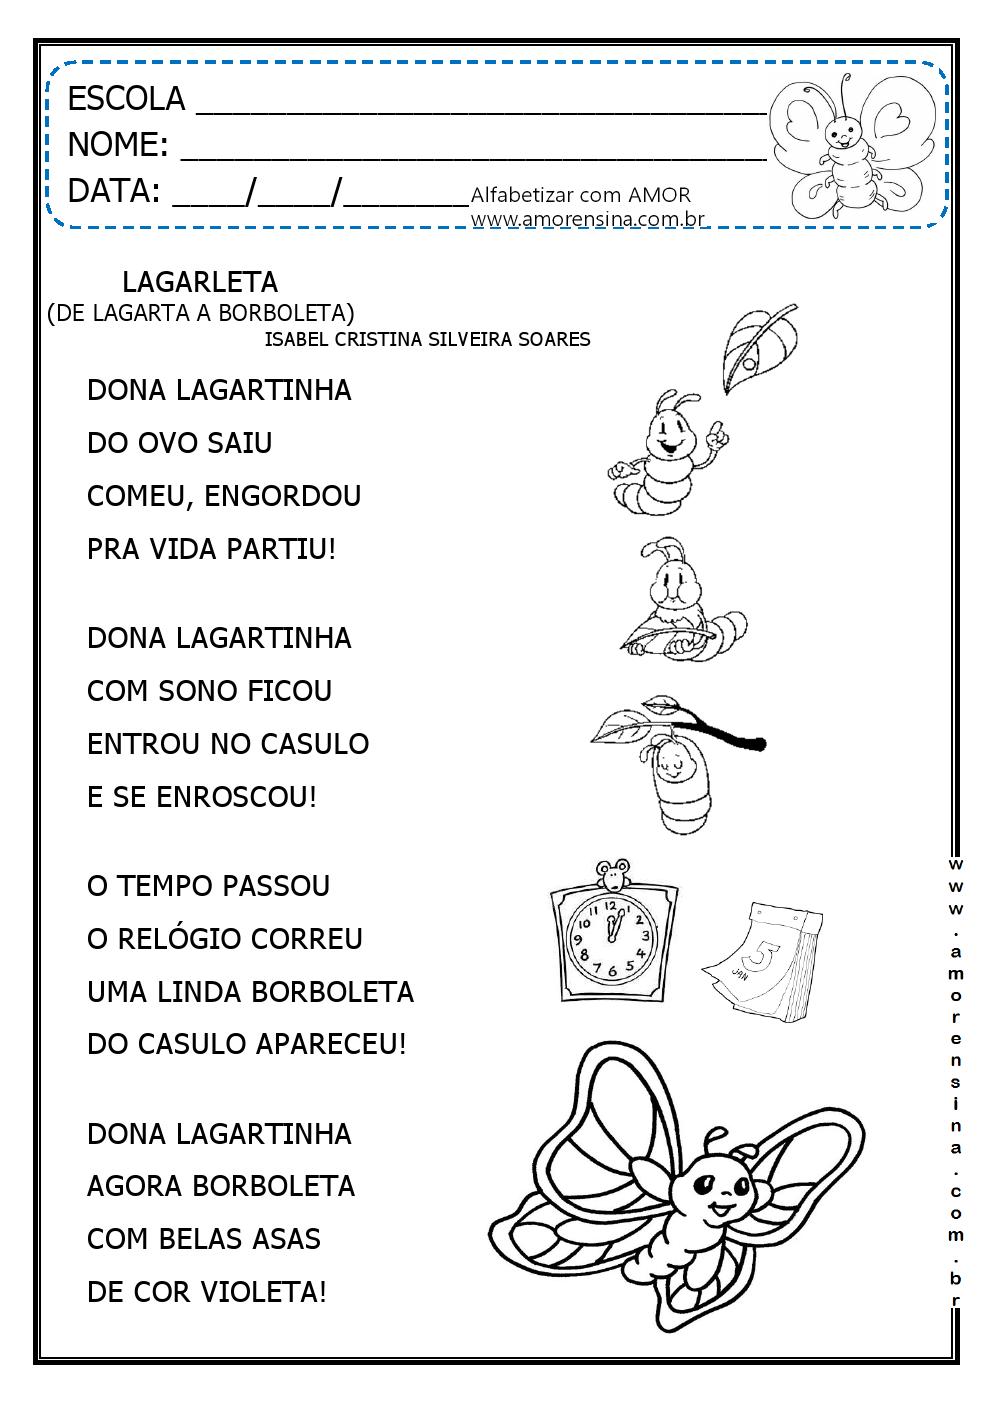 Favoritos LAGARLETA - ( DE LAGARTA A BORBOLETA) - INTERDISCIPLINAR - 1º ANO  UJ93